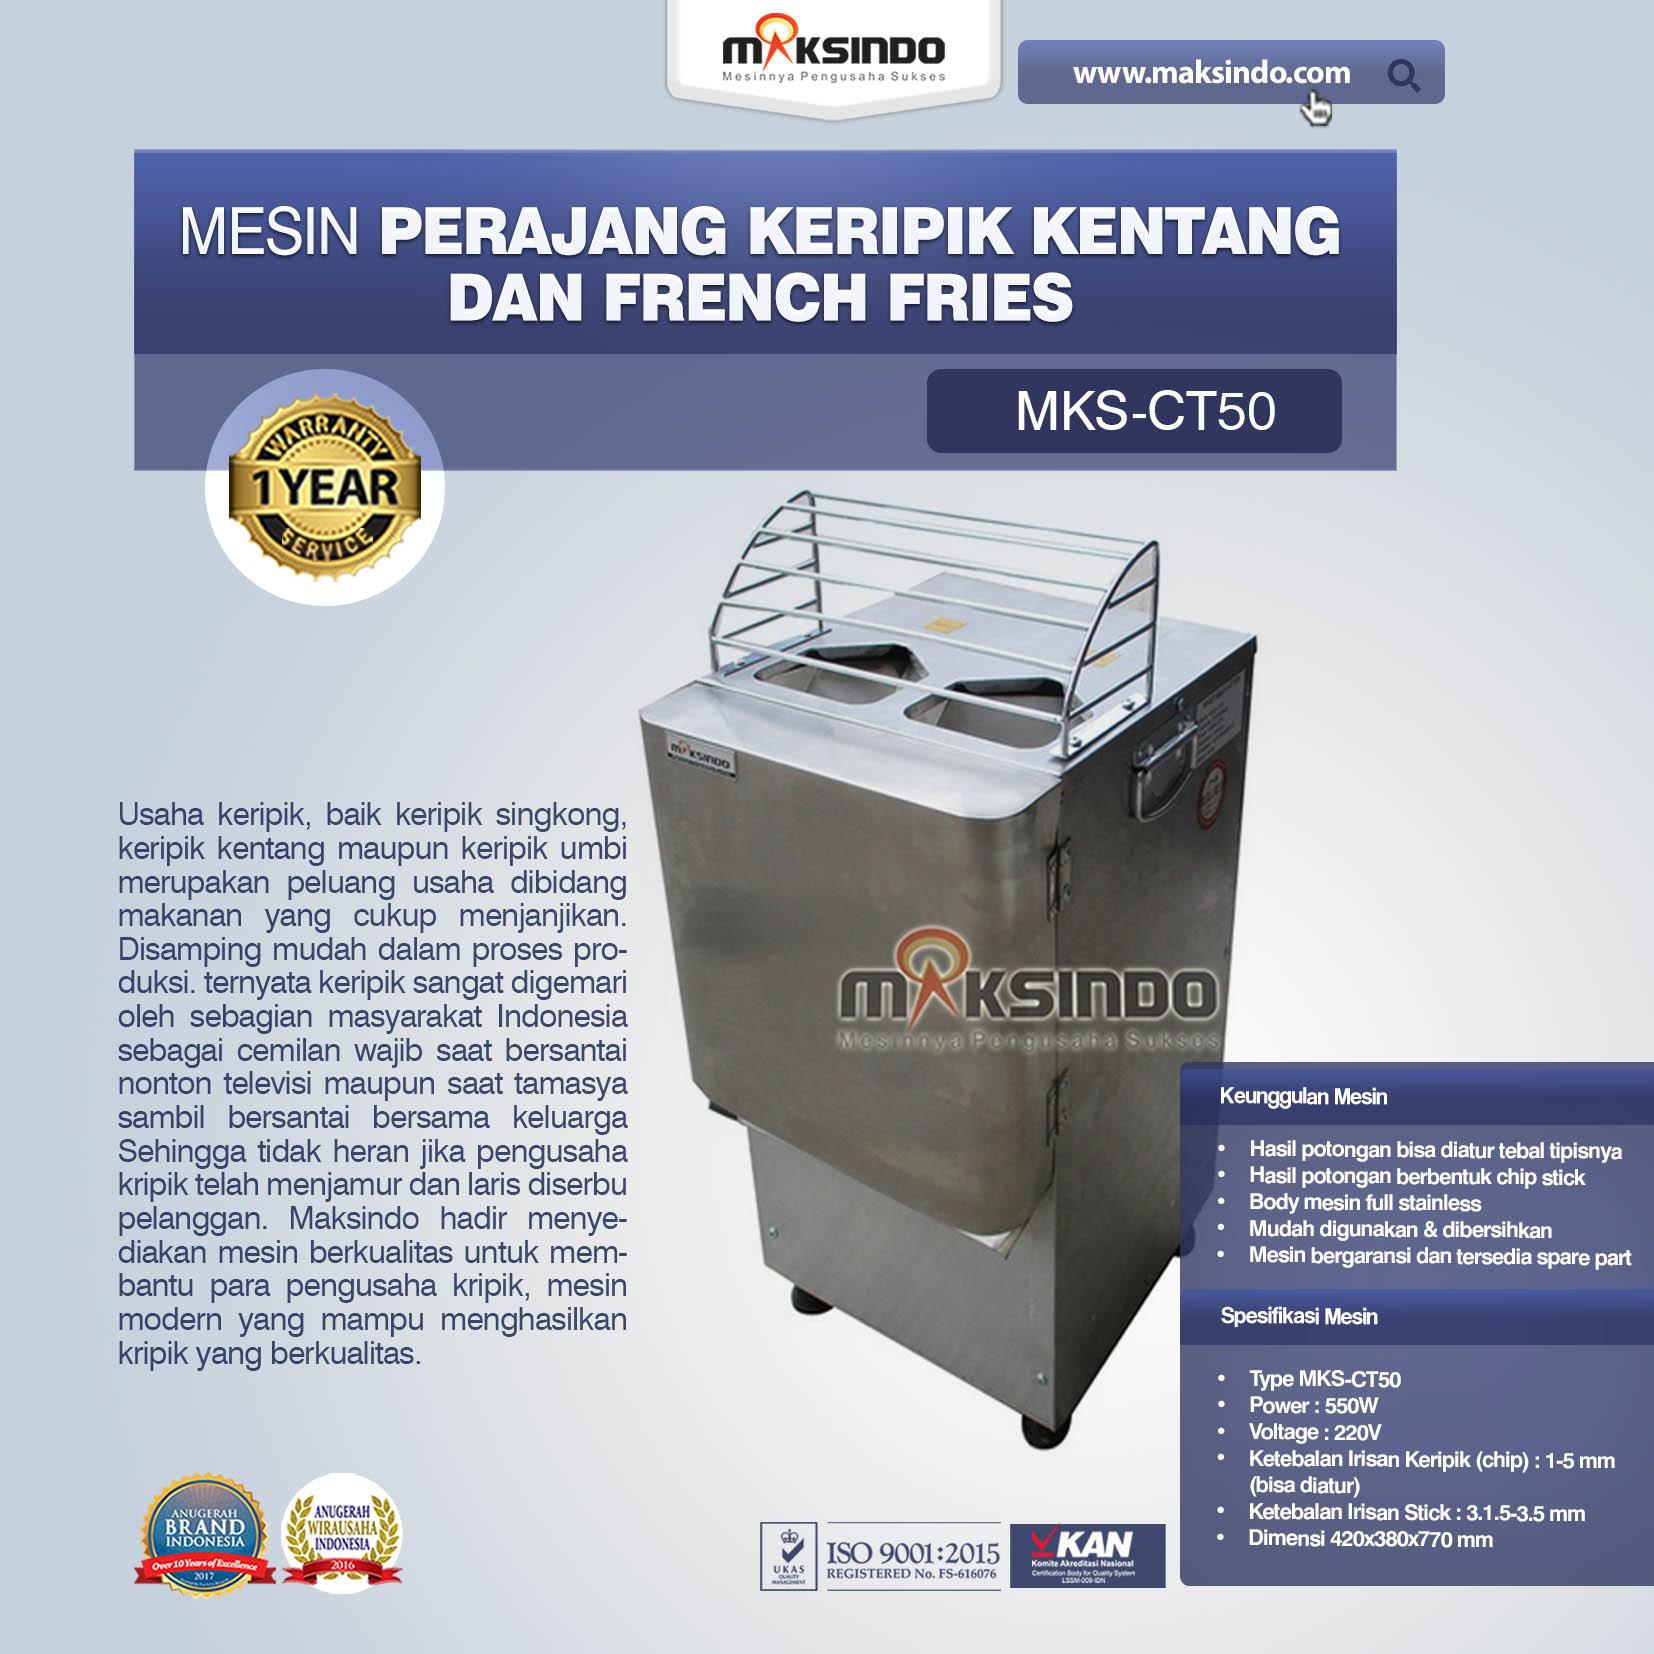 Mesin Perajang Keripik Kentang dan French Fries MKS-CT50